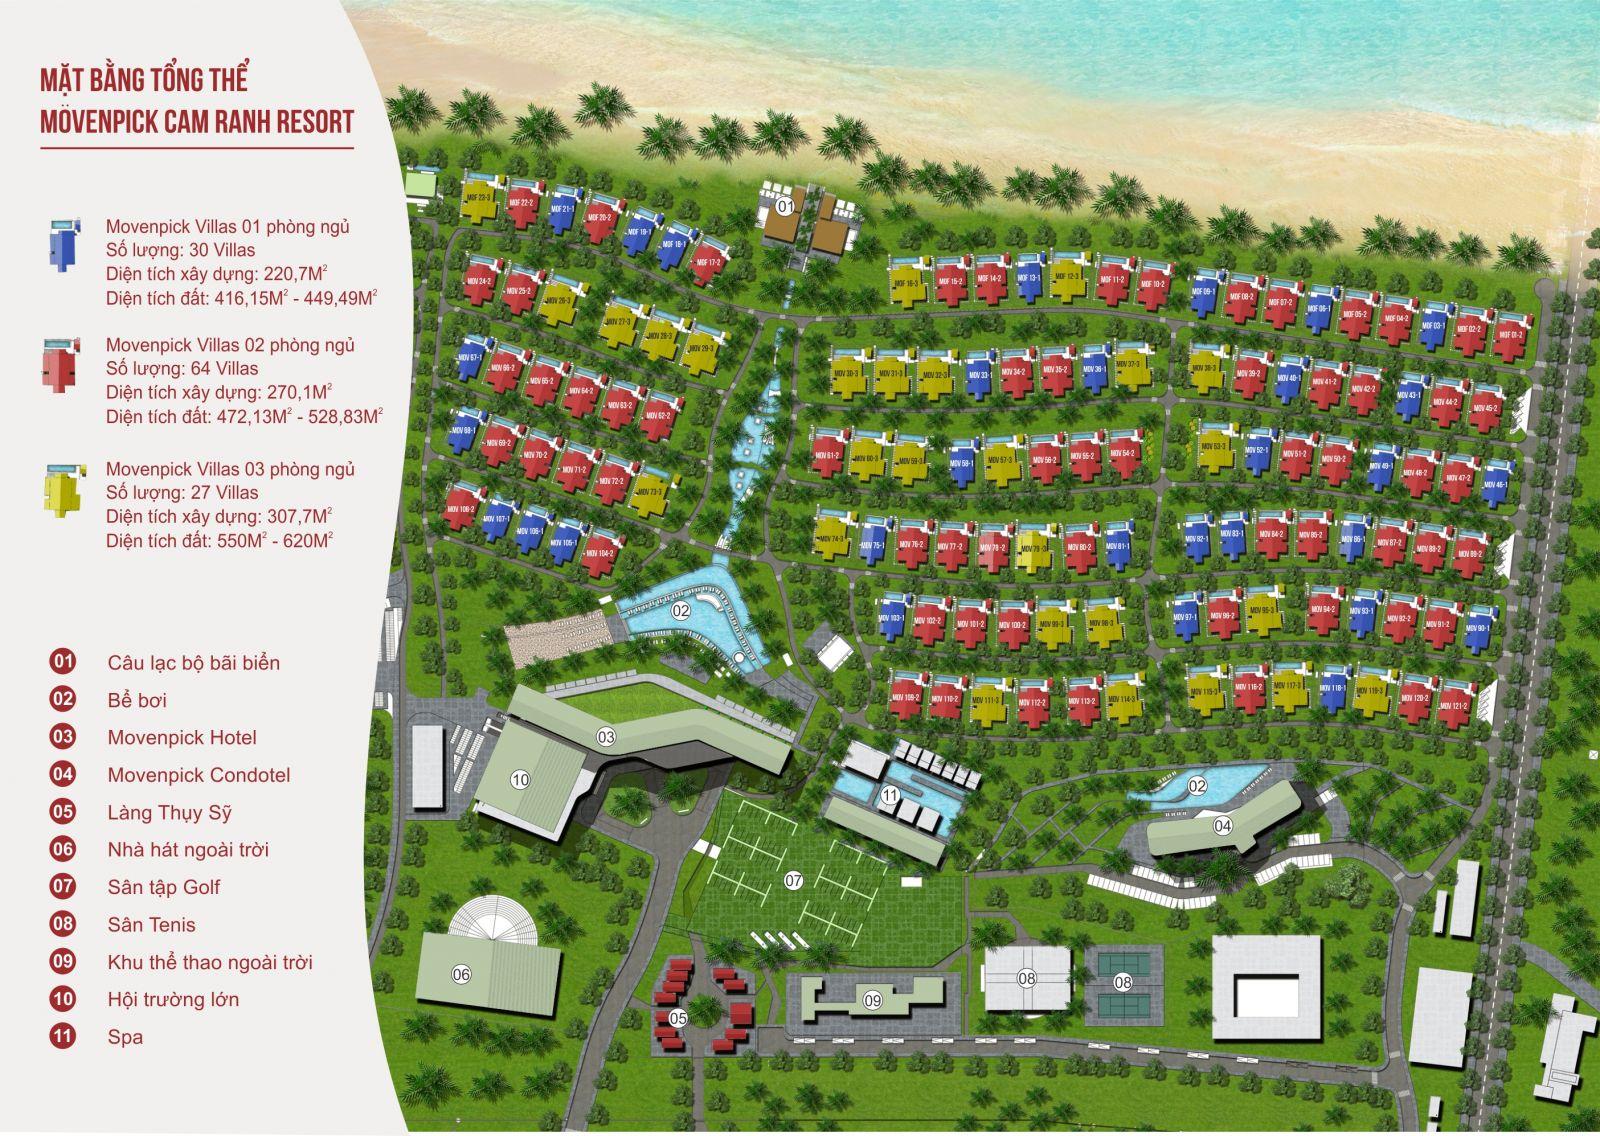 Mặt bằng tổng thể Movenpick Cam Ranh Resorts